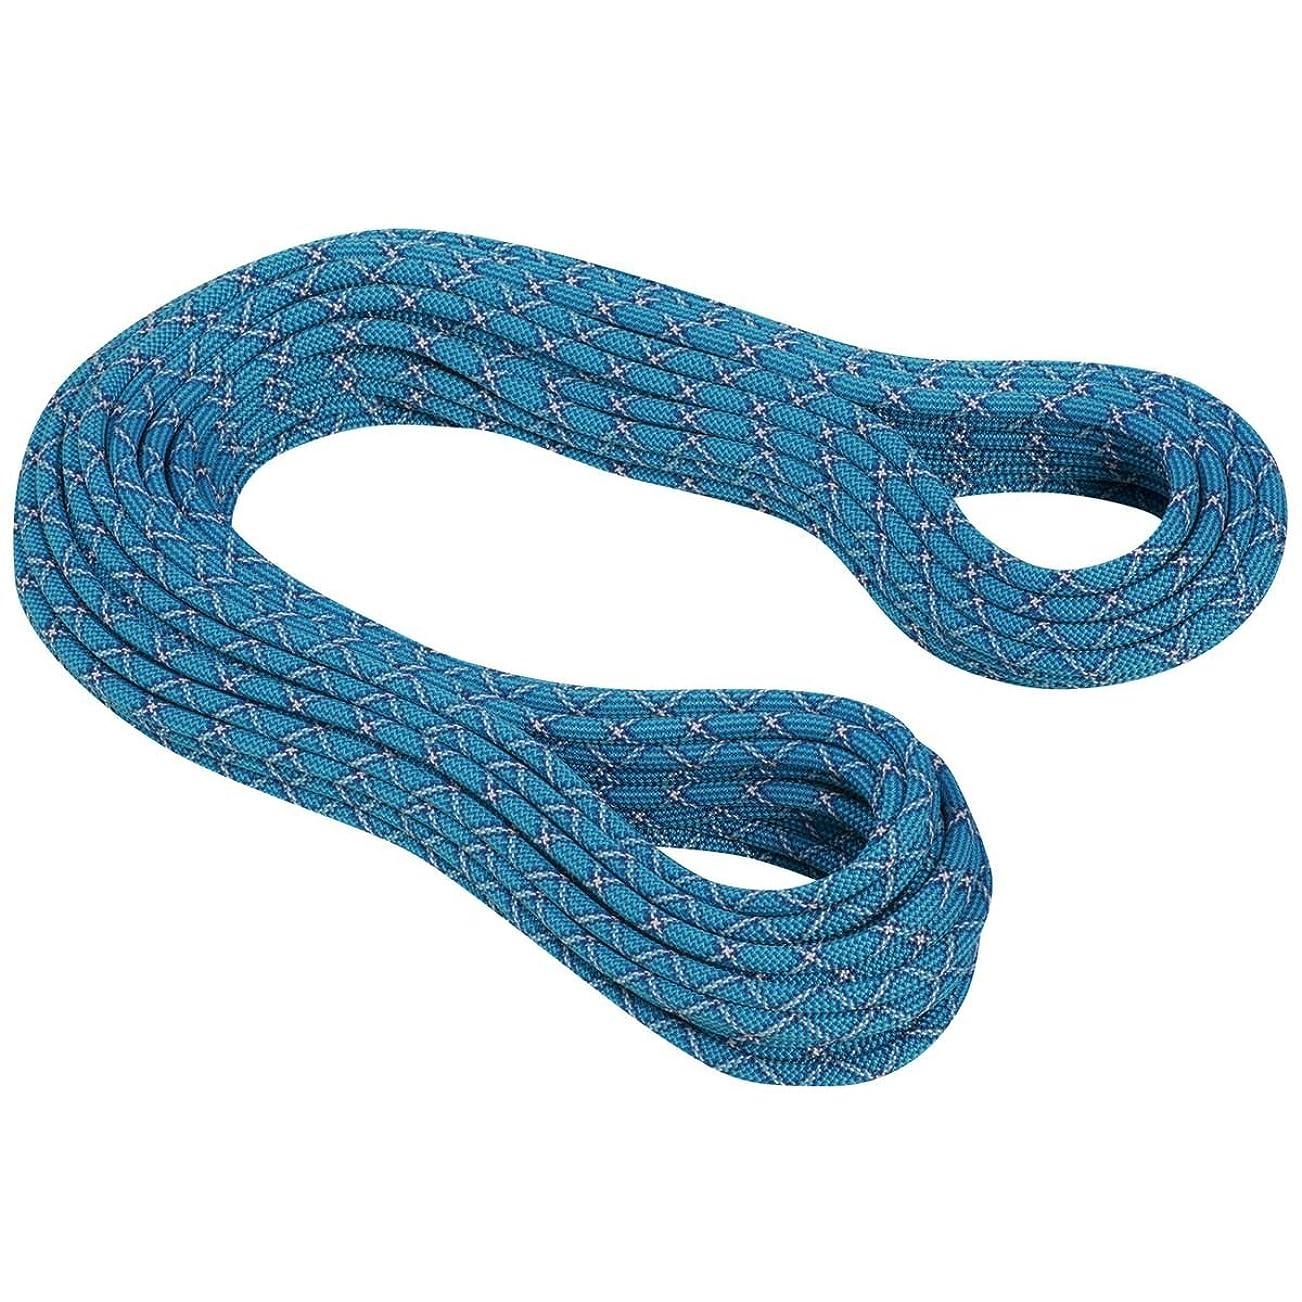 ネックレット復活させる踊り子◎17FW マムート(MAMMUT) 9.5 Infinity Protect 2010-02701 51140 ocean-royal クライミング用品